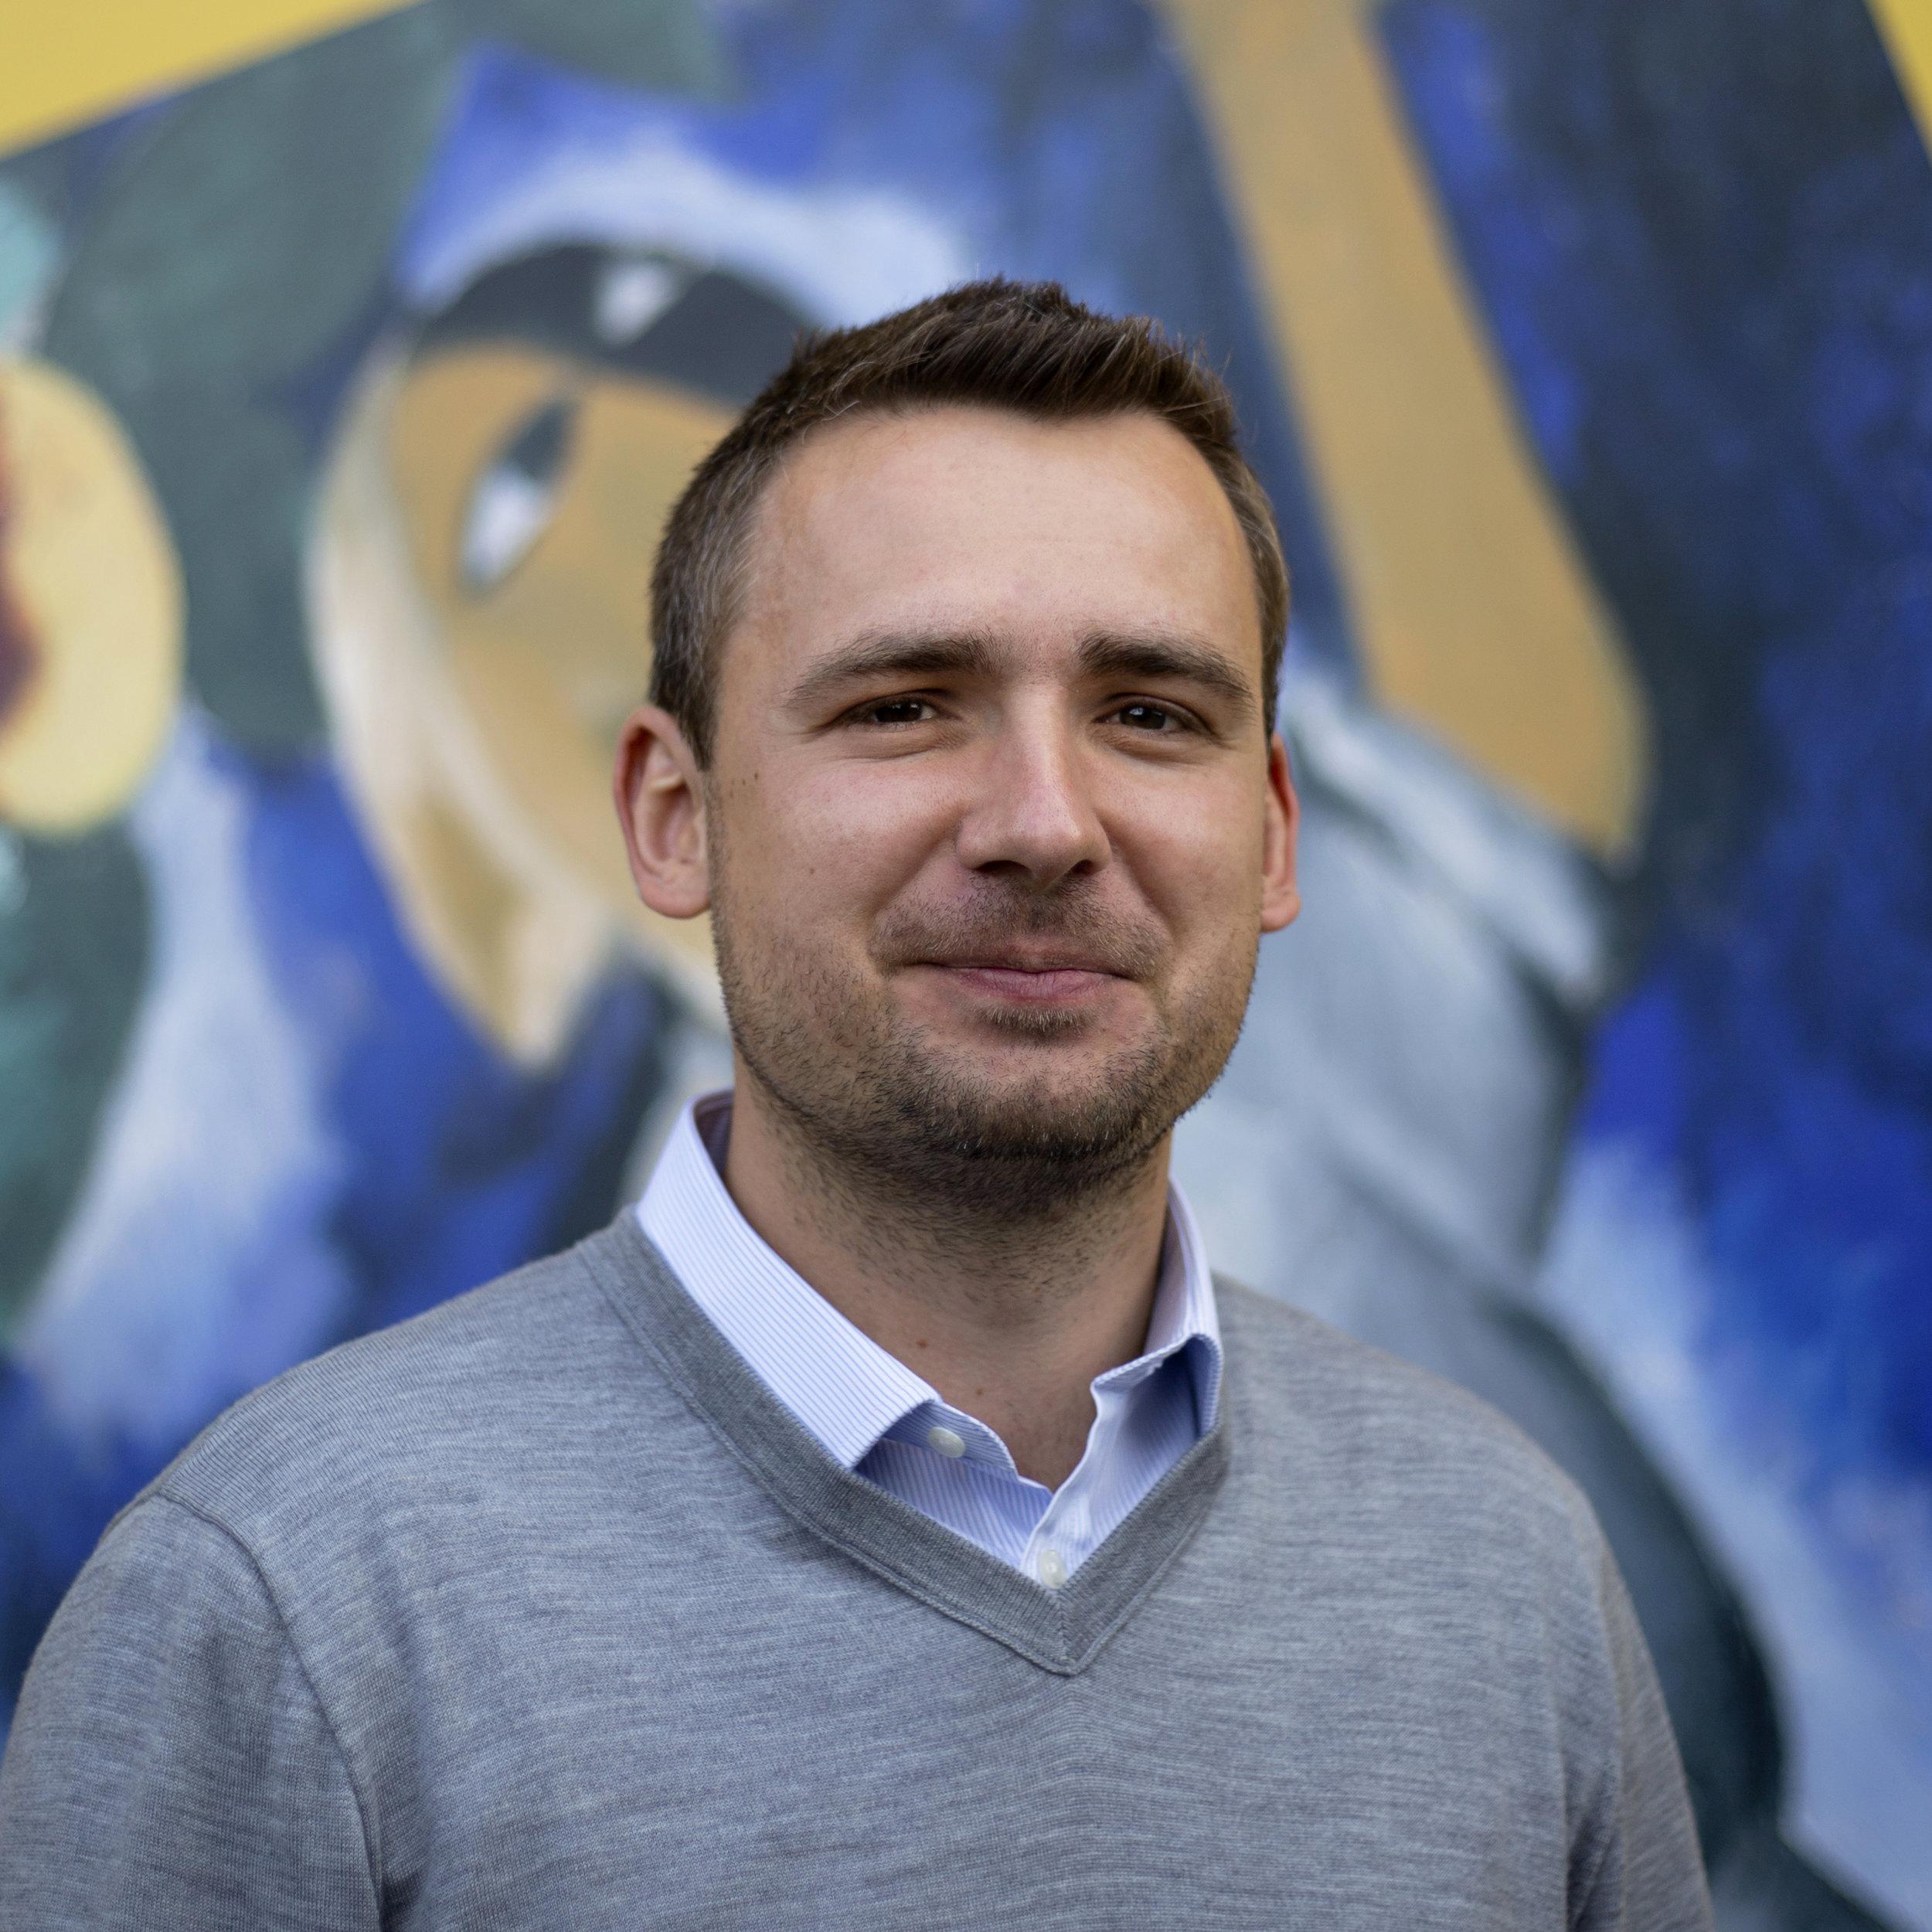 Gregory Wycech - Associate CGI Artist